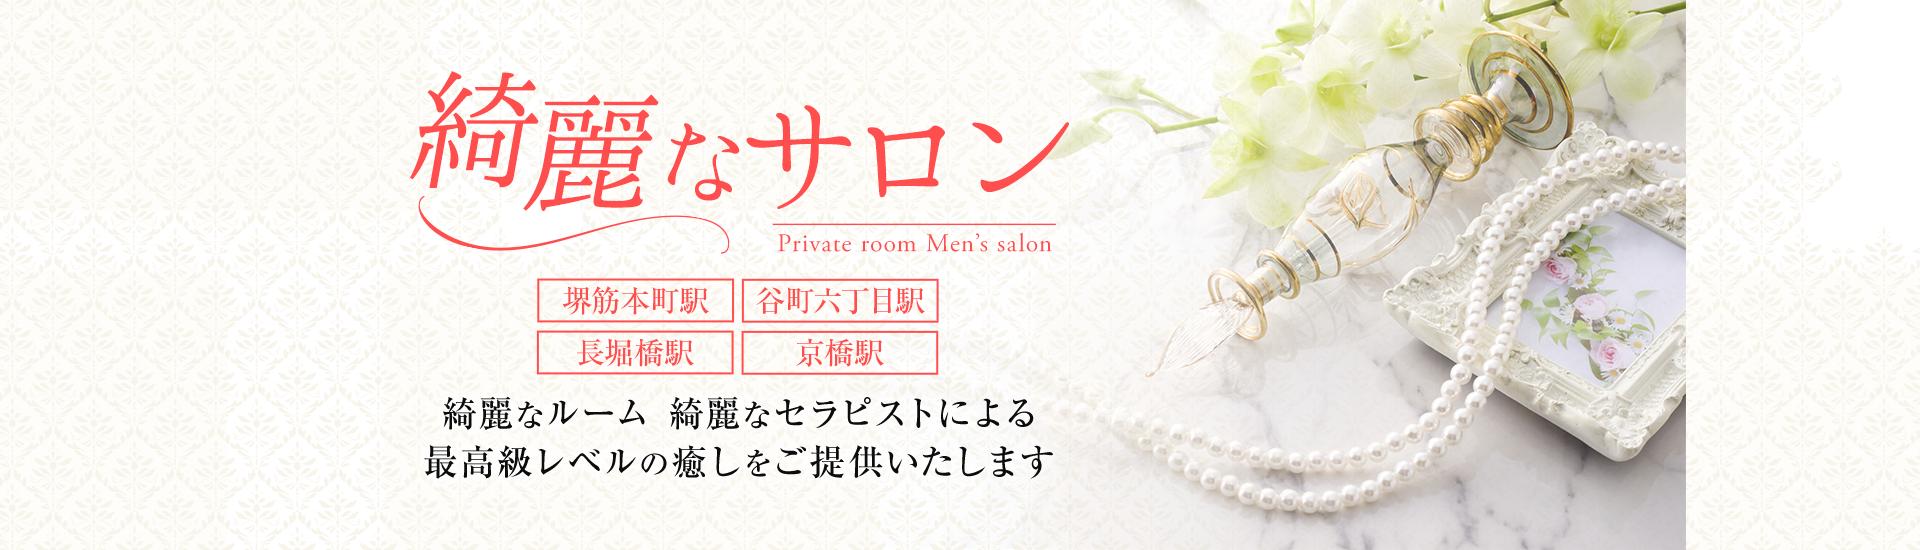 大阪府メンズエステ『綺麗なサロン』